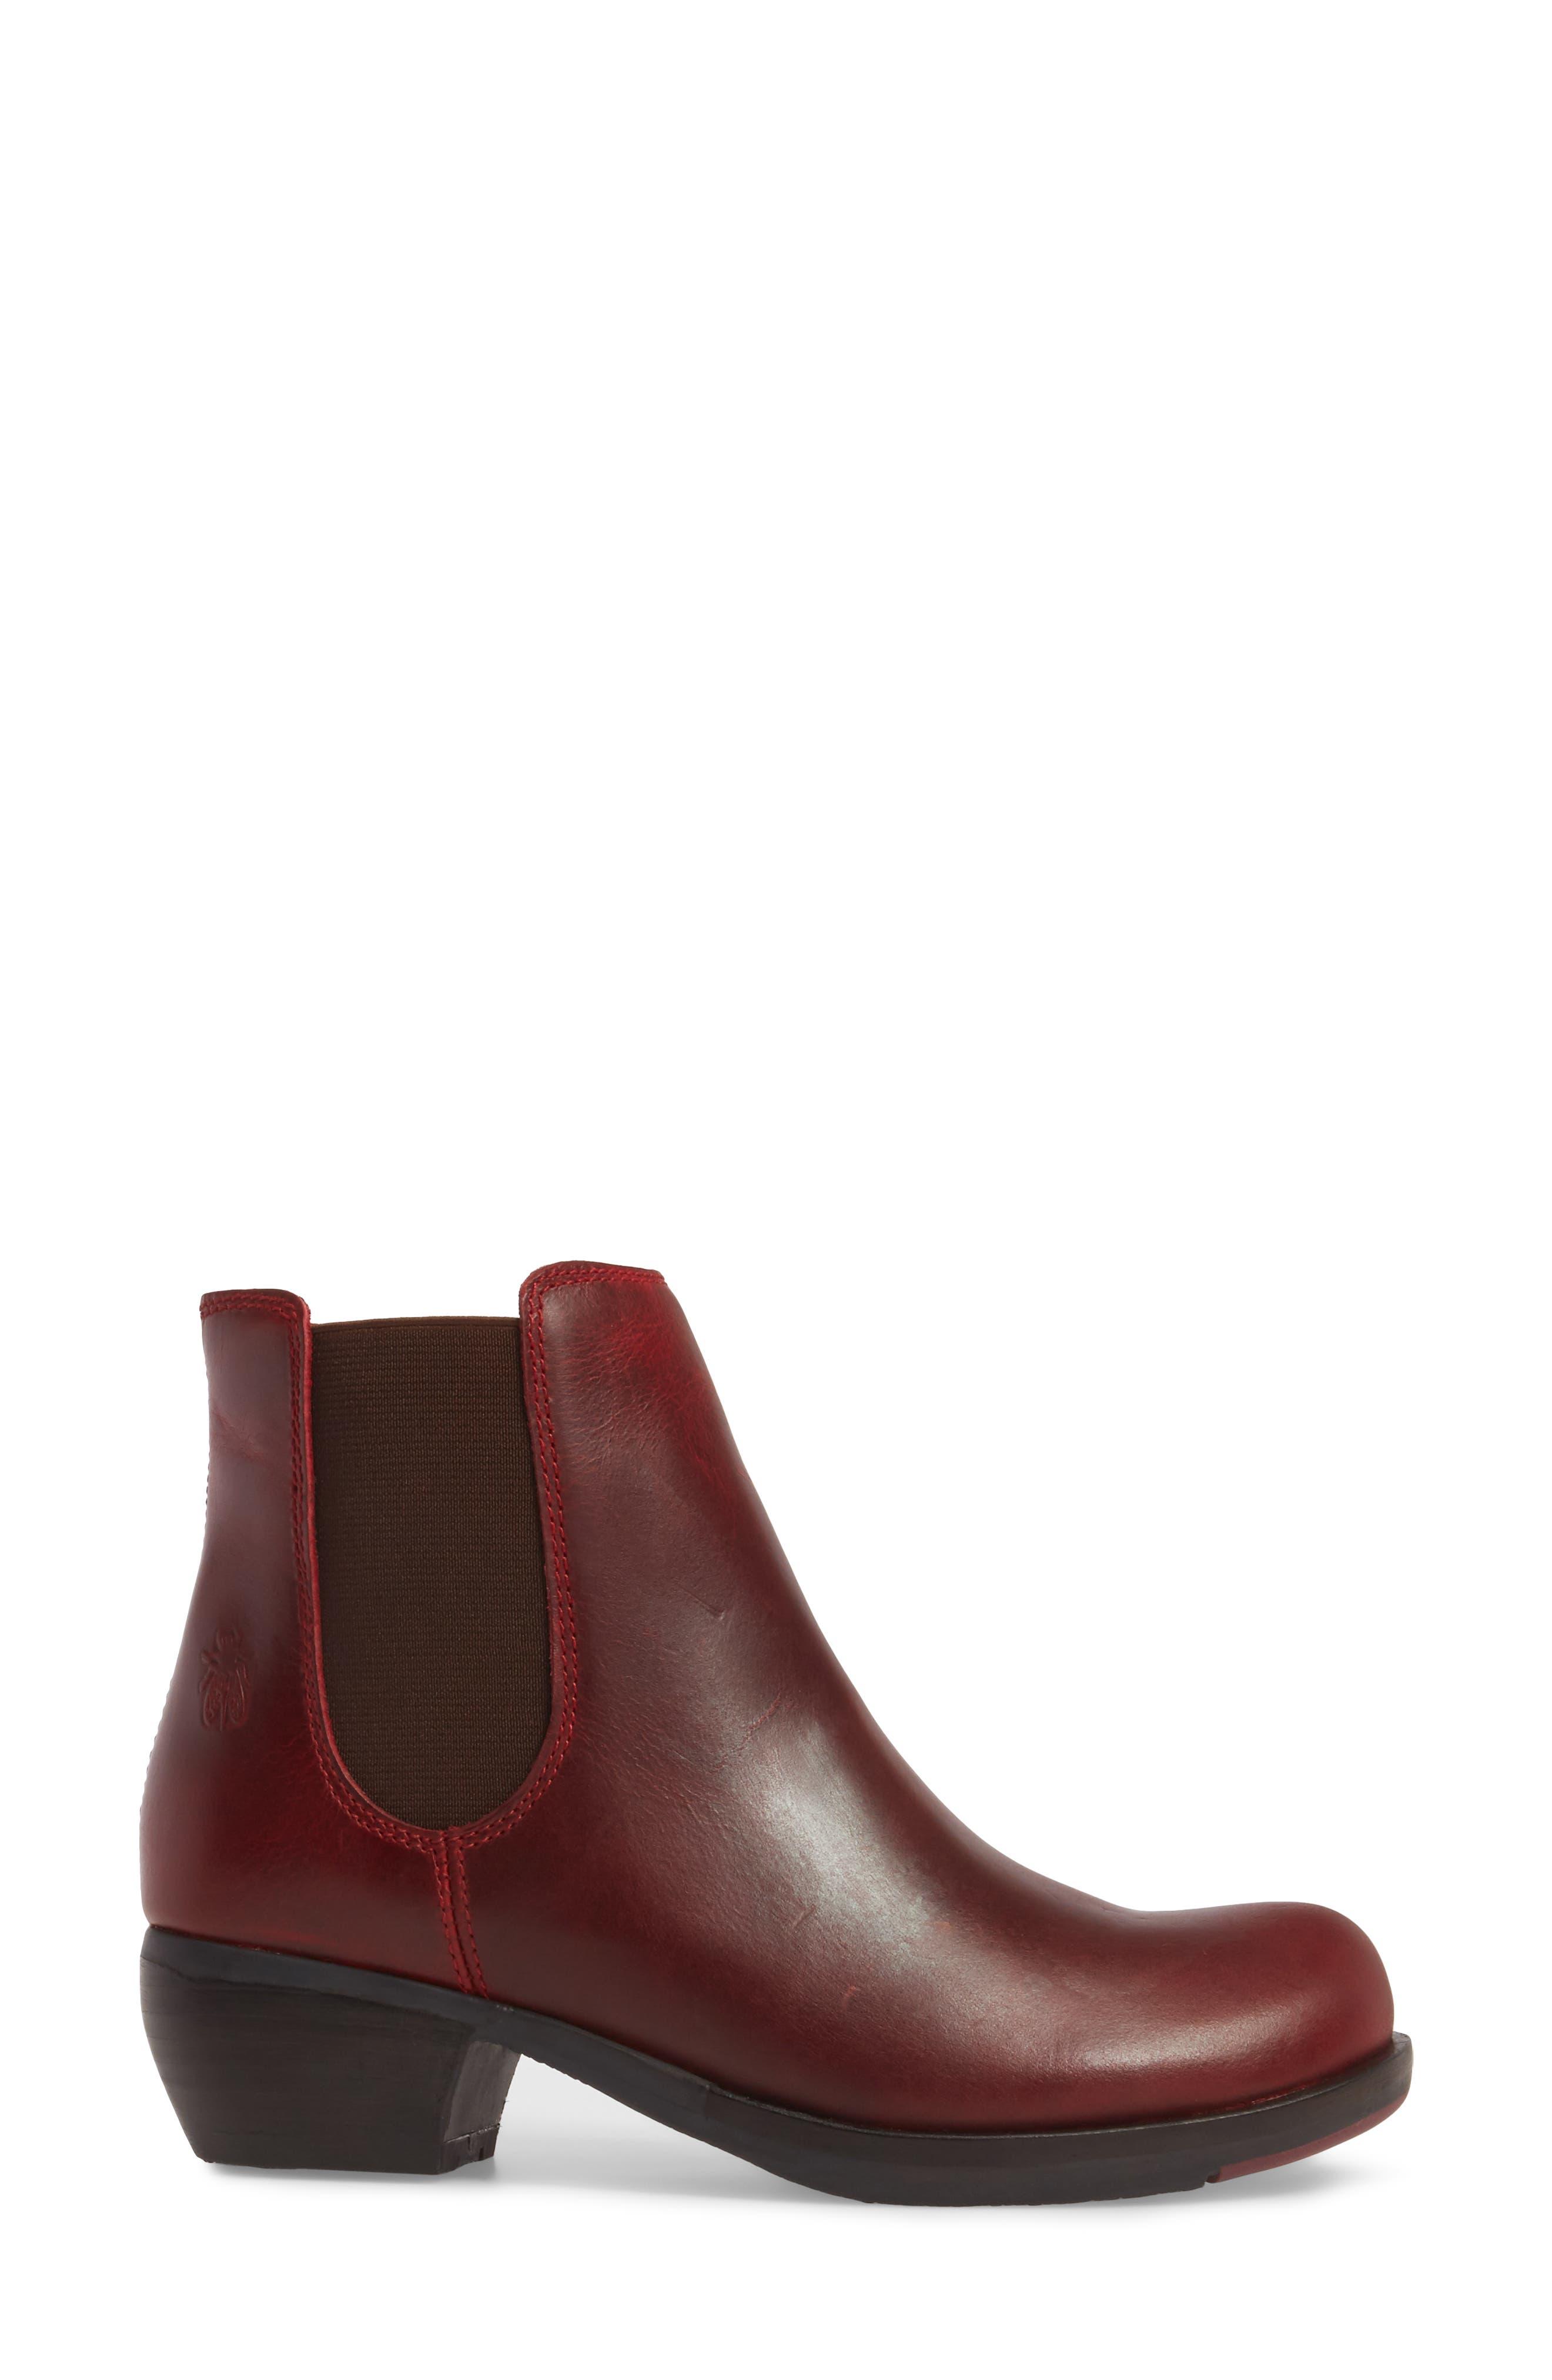 Alternate Image 3  - Fly London 'Make' Chelsea Boot (Women)